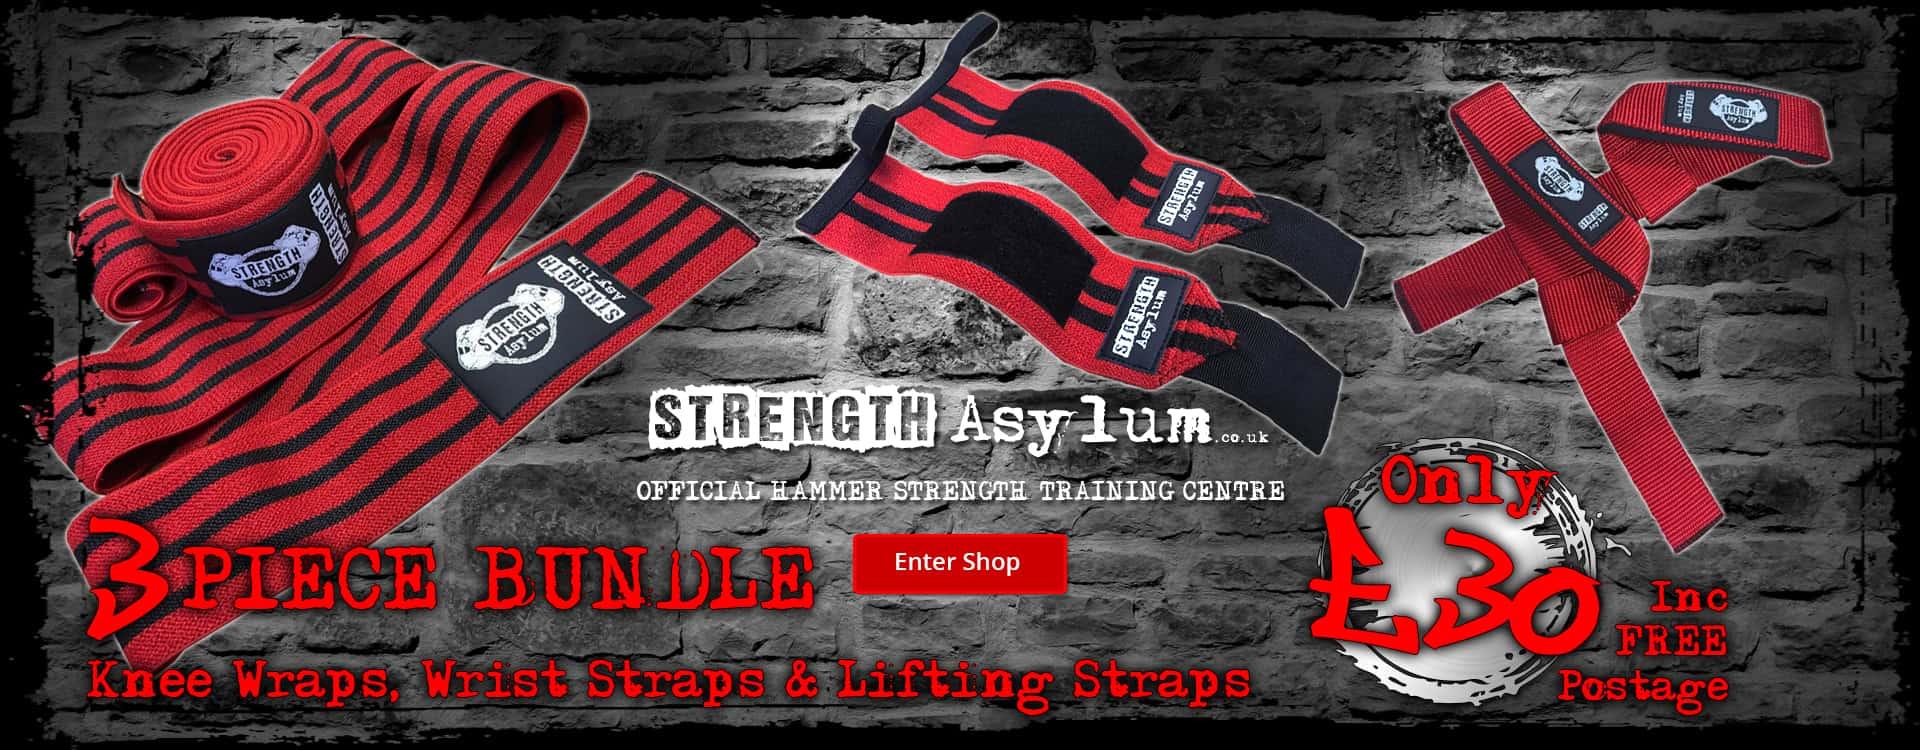 http://www.strengthasylum.co.uk/wp-content/uploads/2017/06/strengthasylum-accessories-banner-2017.jpg